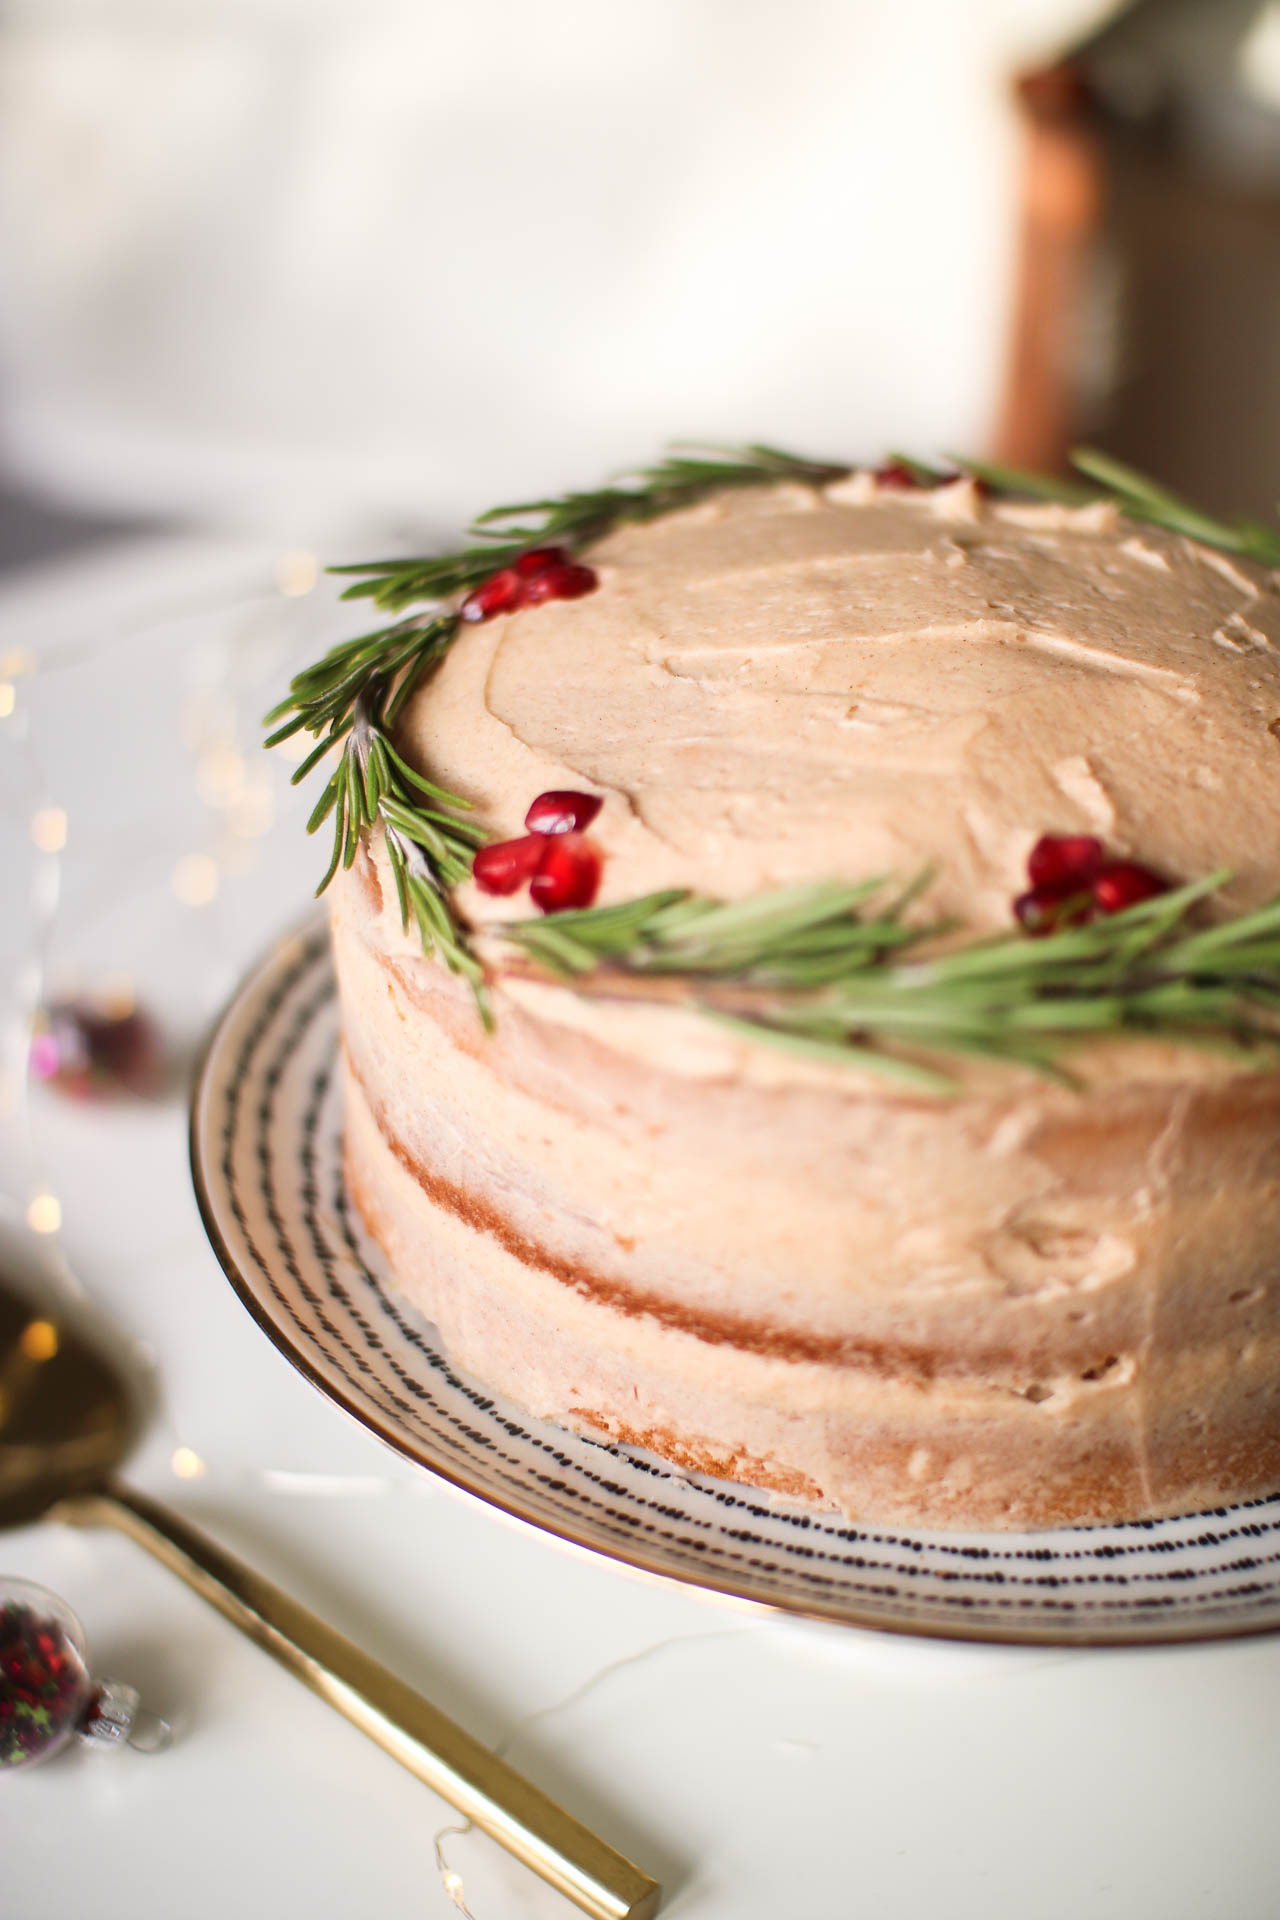 Christmas baking: festive spiced sponge cake